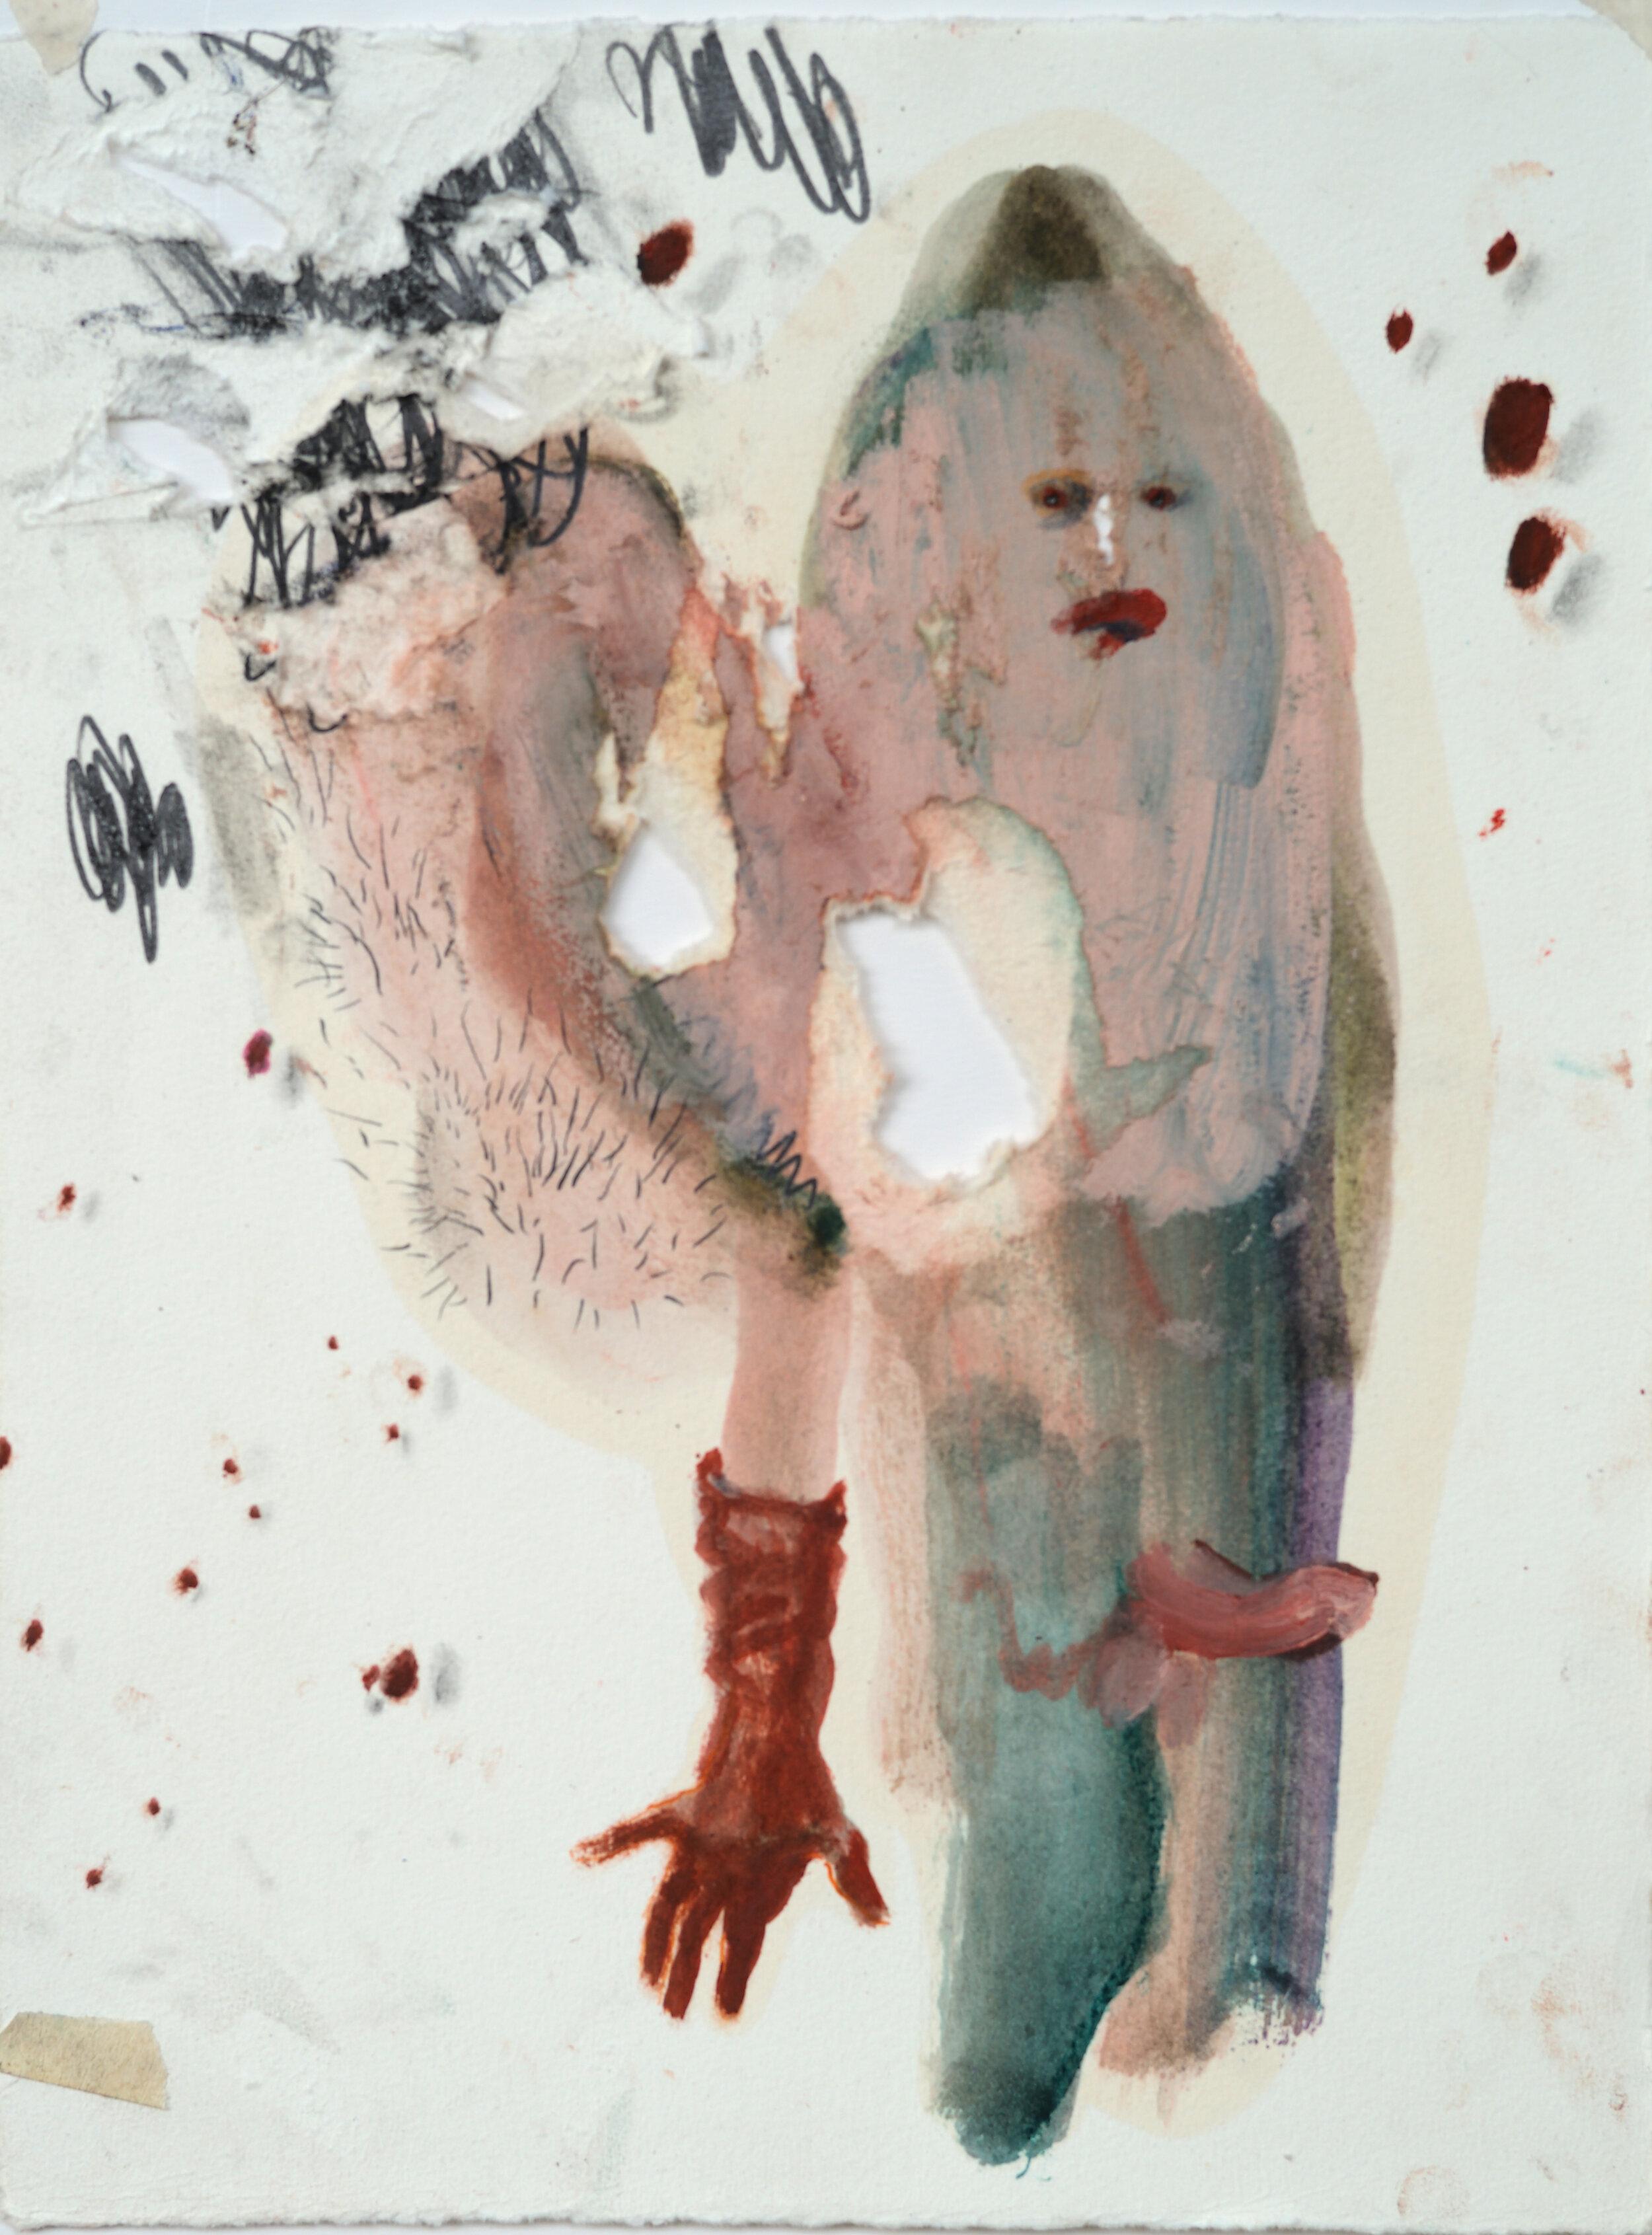 """Sarah Jérôme, """"Forget me not 4"""", technique mixte sur papier, 39,5x30 cm, 2019."""